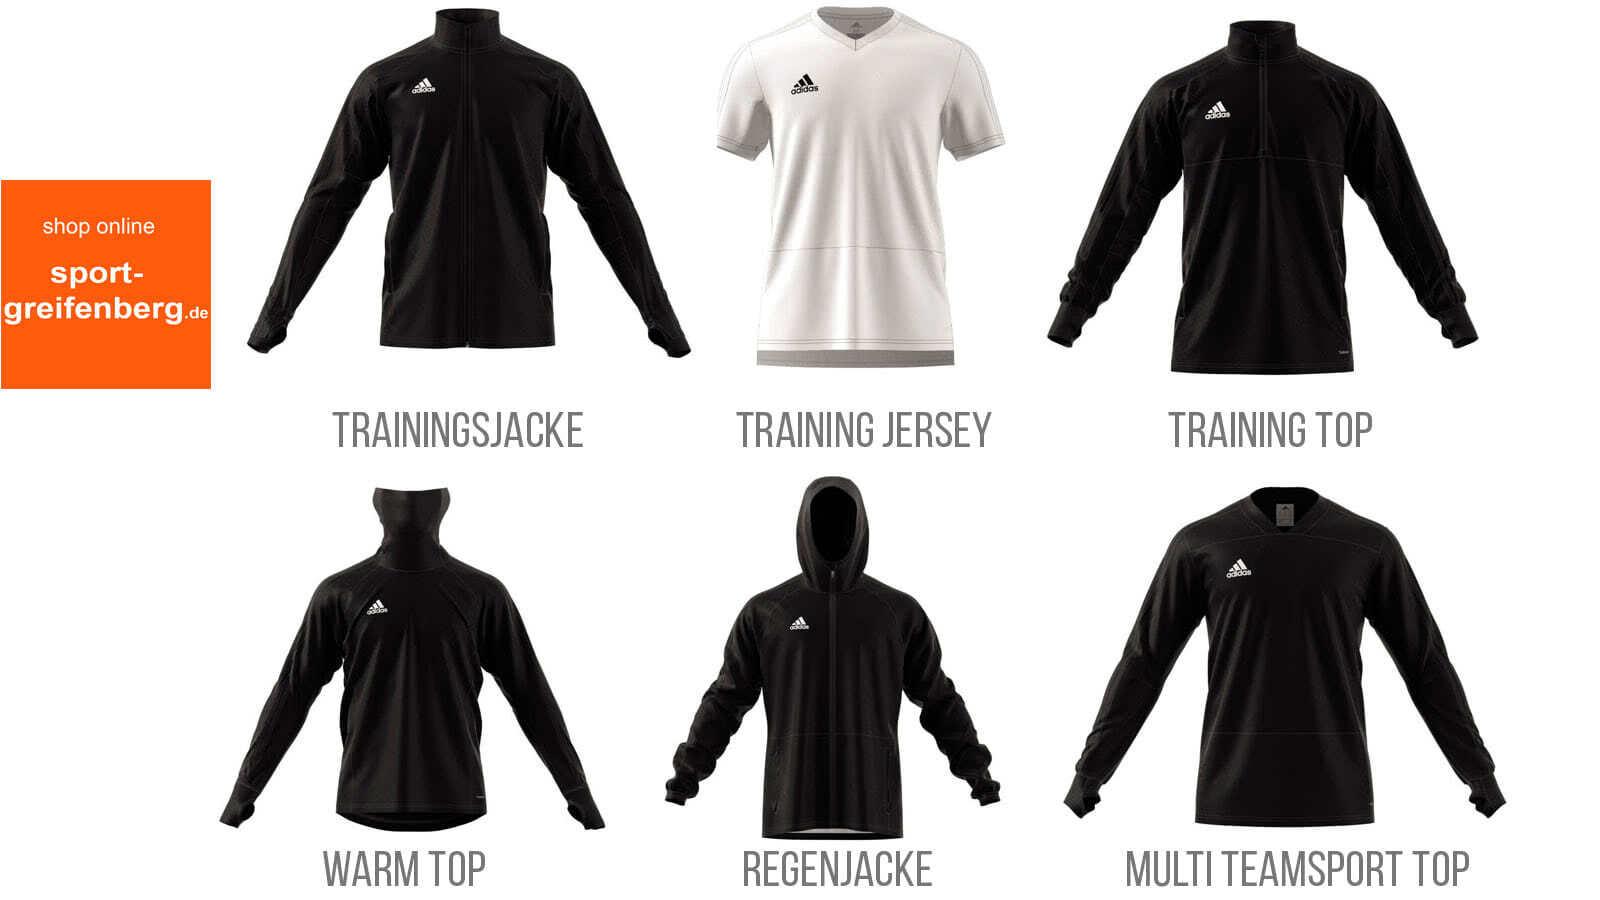 Adidas Condivo 18 Sportbekleidung (2018 und 2019)